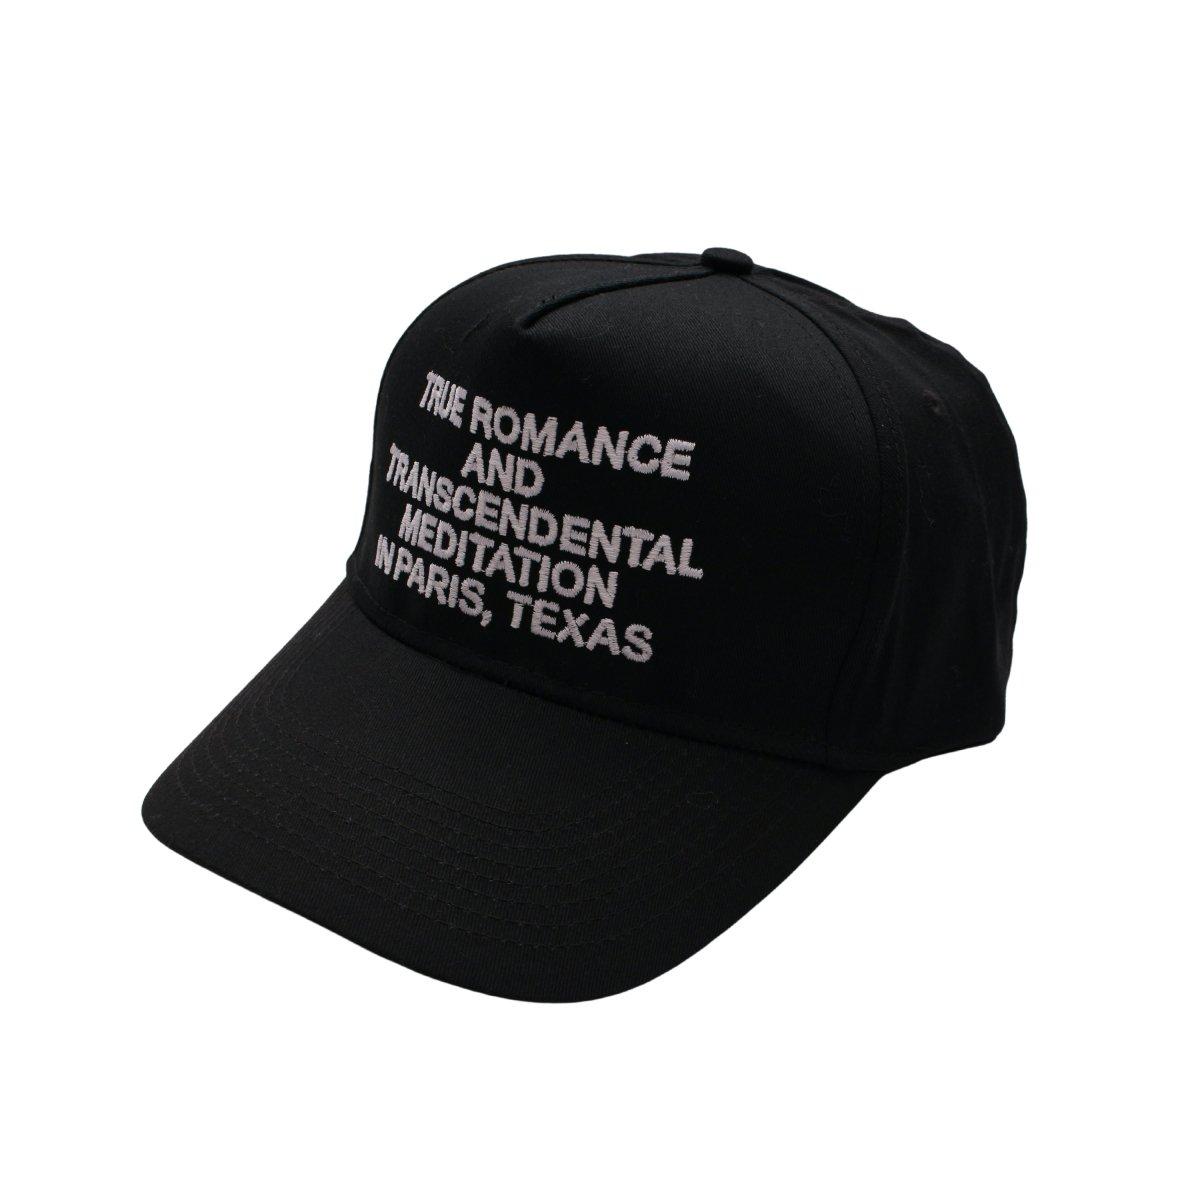 TRANSCENDENTAL HAT